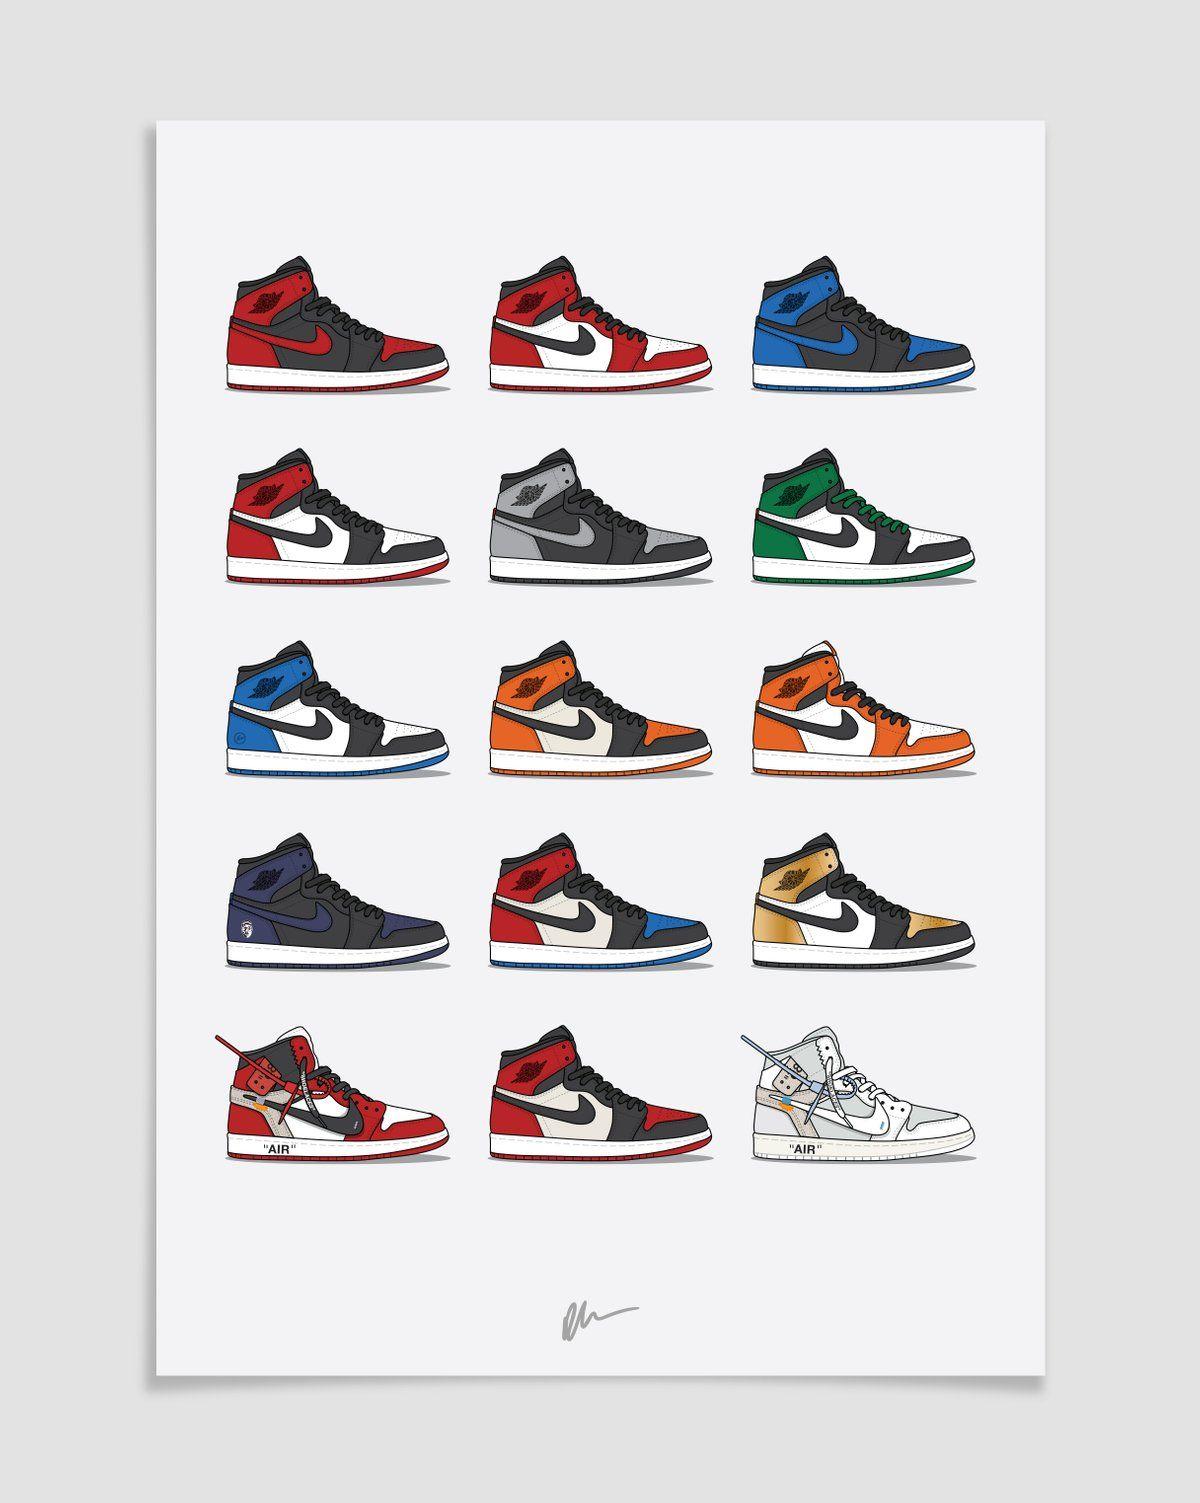 Air Jordan 1 Hype Collection